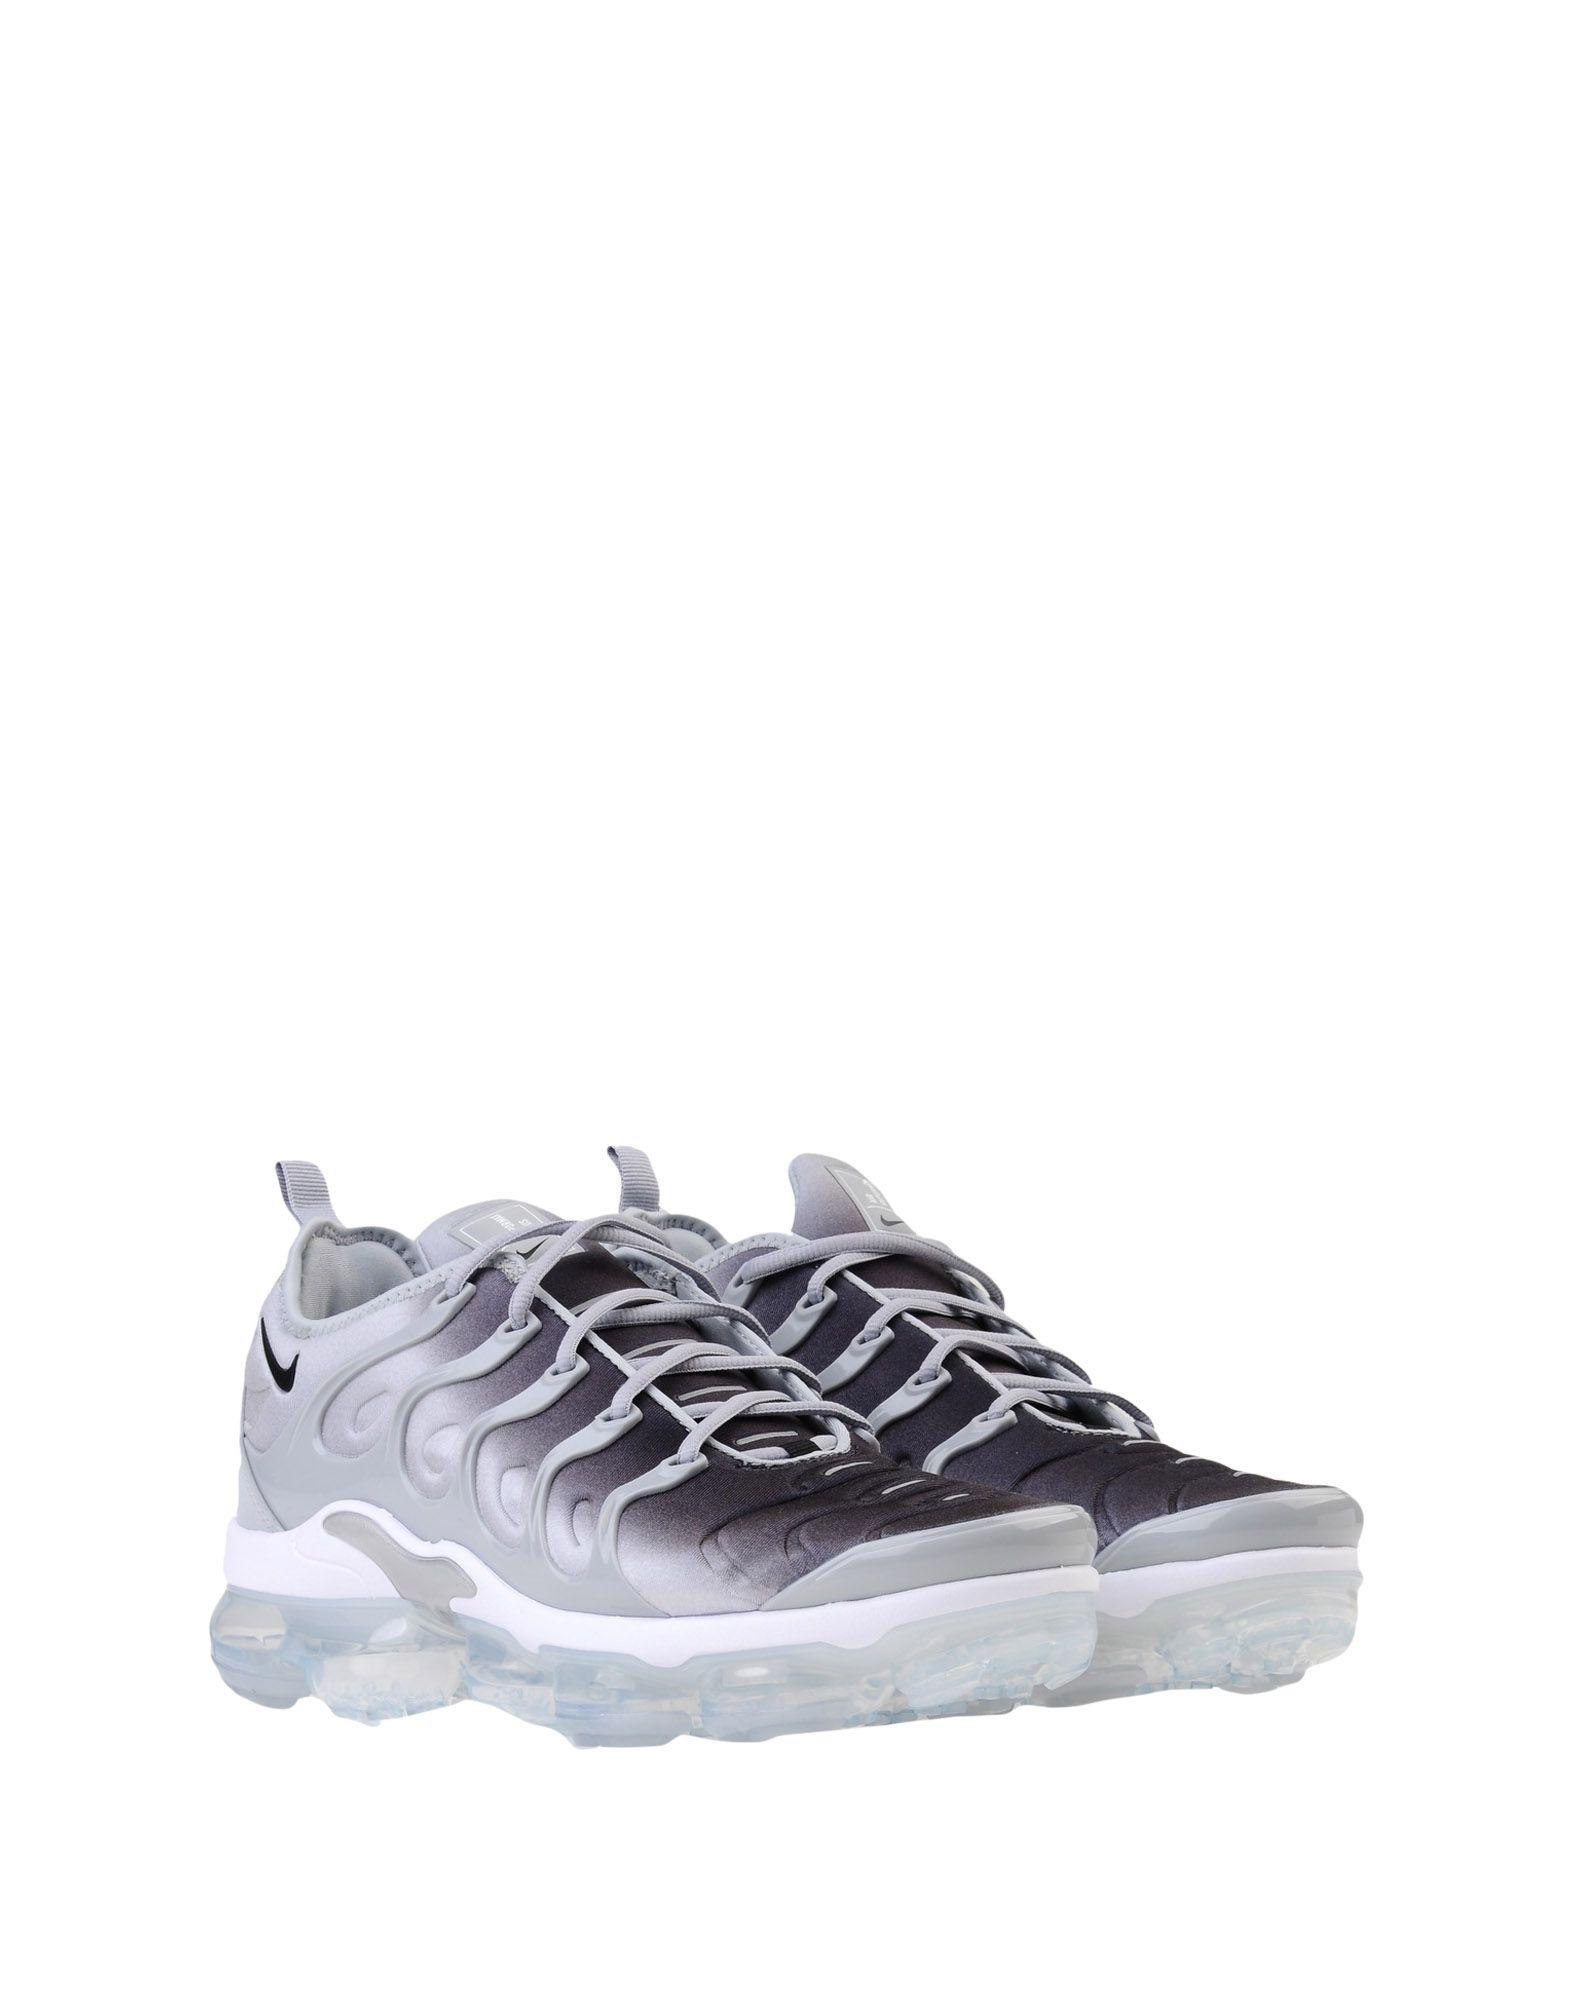 Nike Air Vapormax Qualität Plus  11493081HS Gute Qualität Vapormax beliebte Schuhe f08232